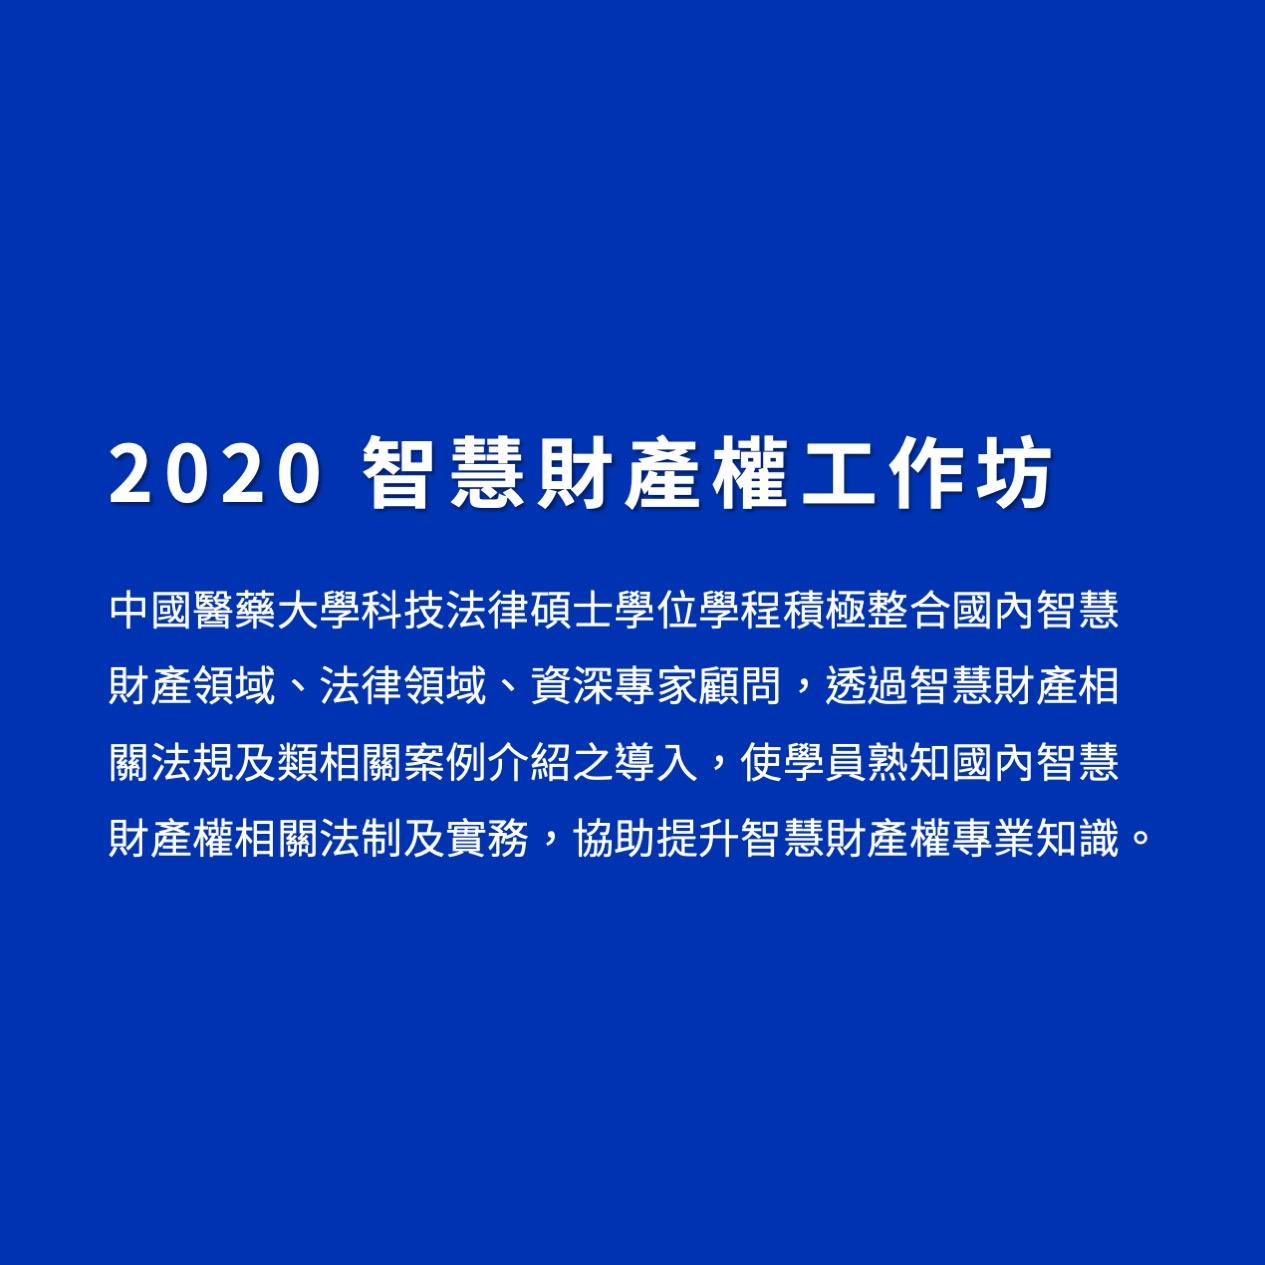 【學程活動】2020智慧財產權工作坊即日起開放報名!